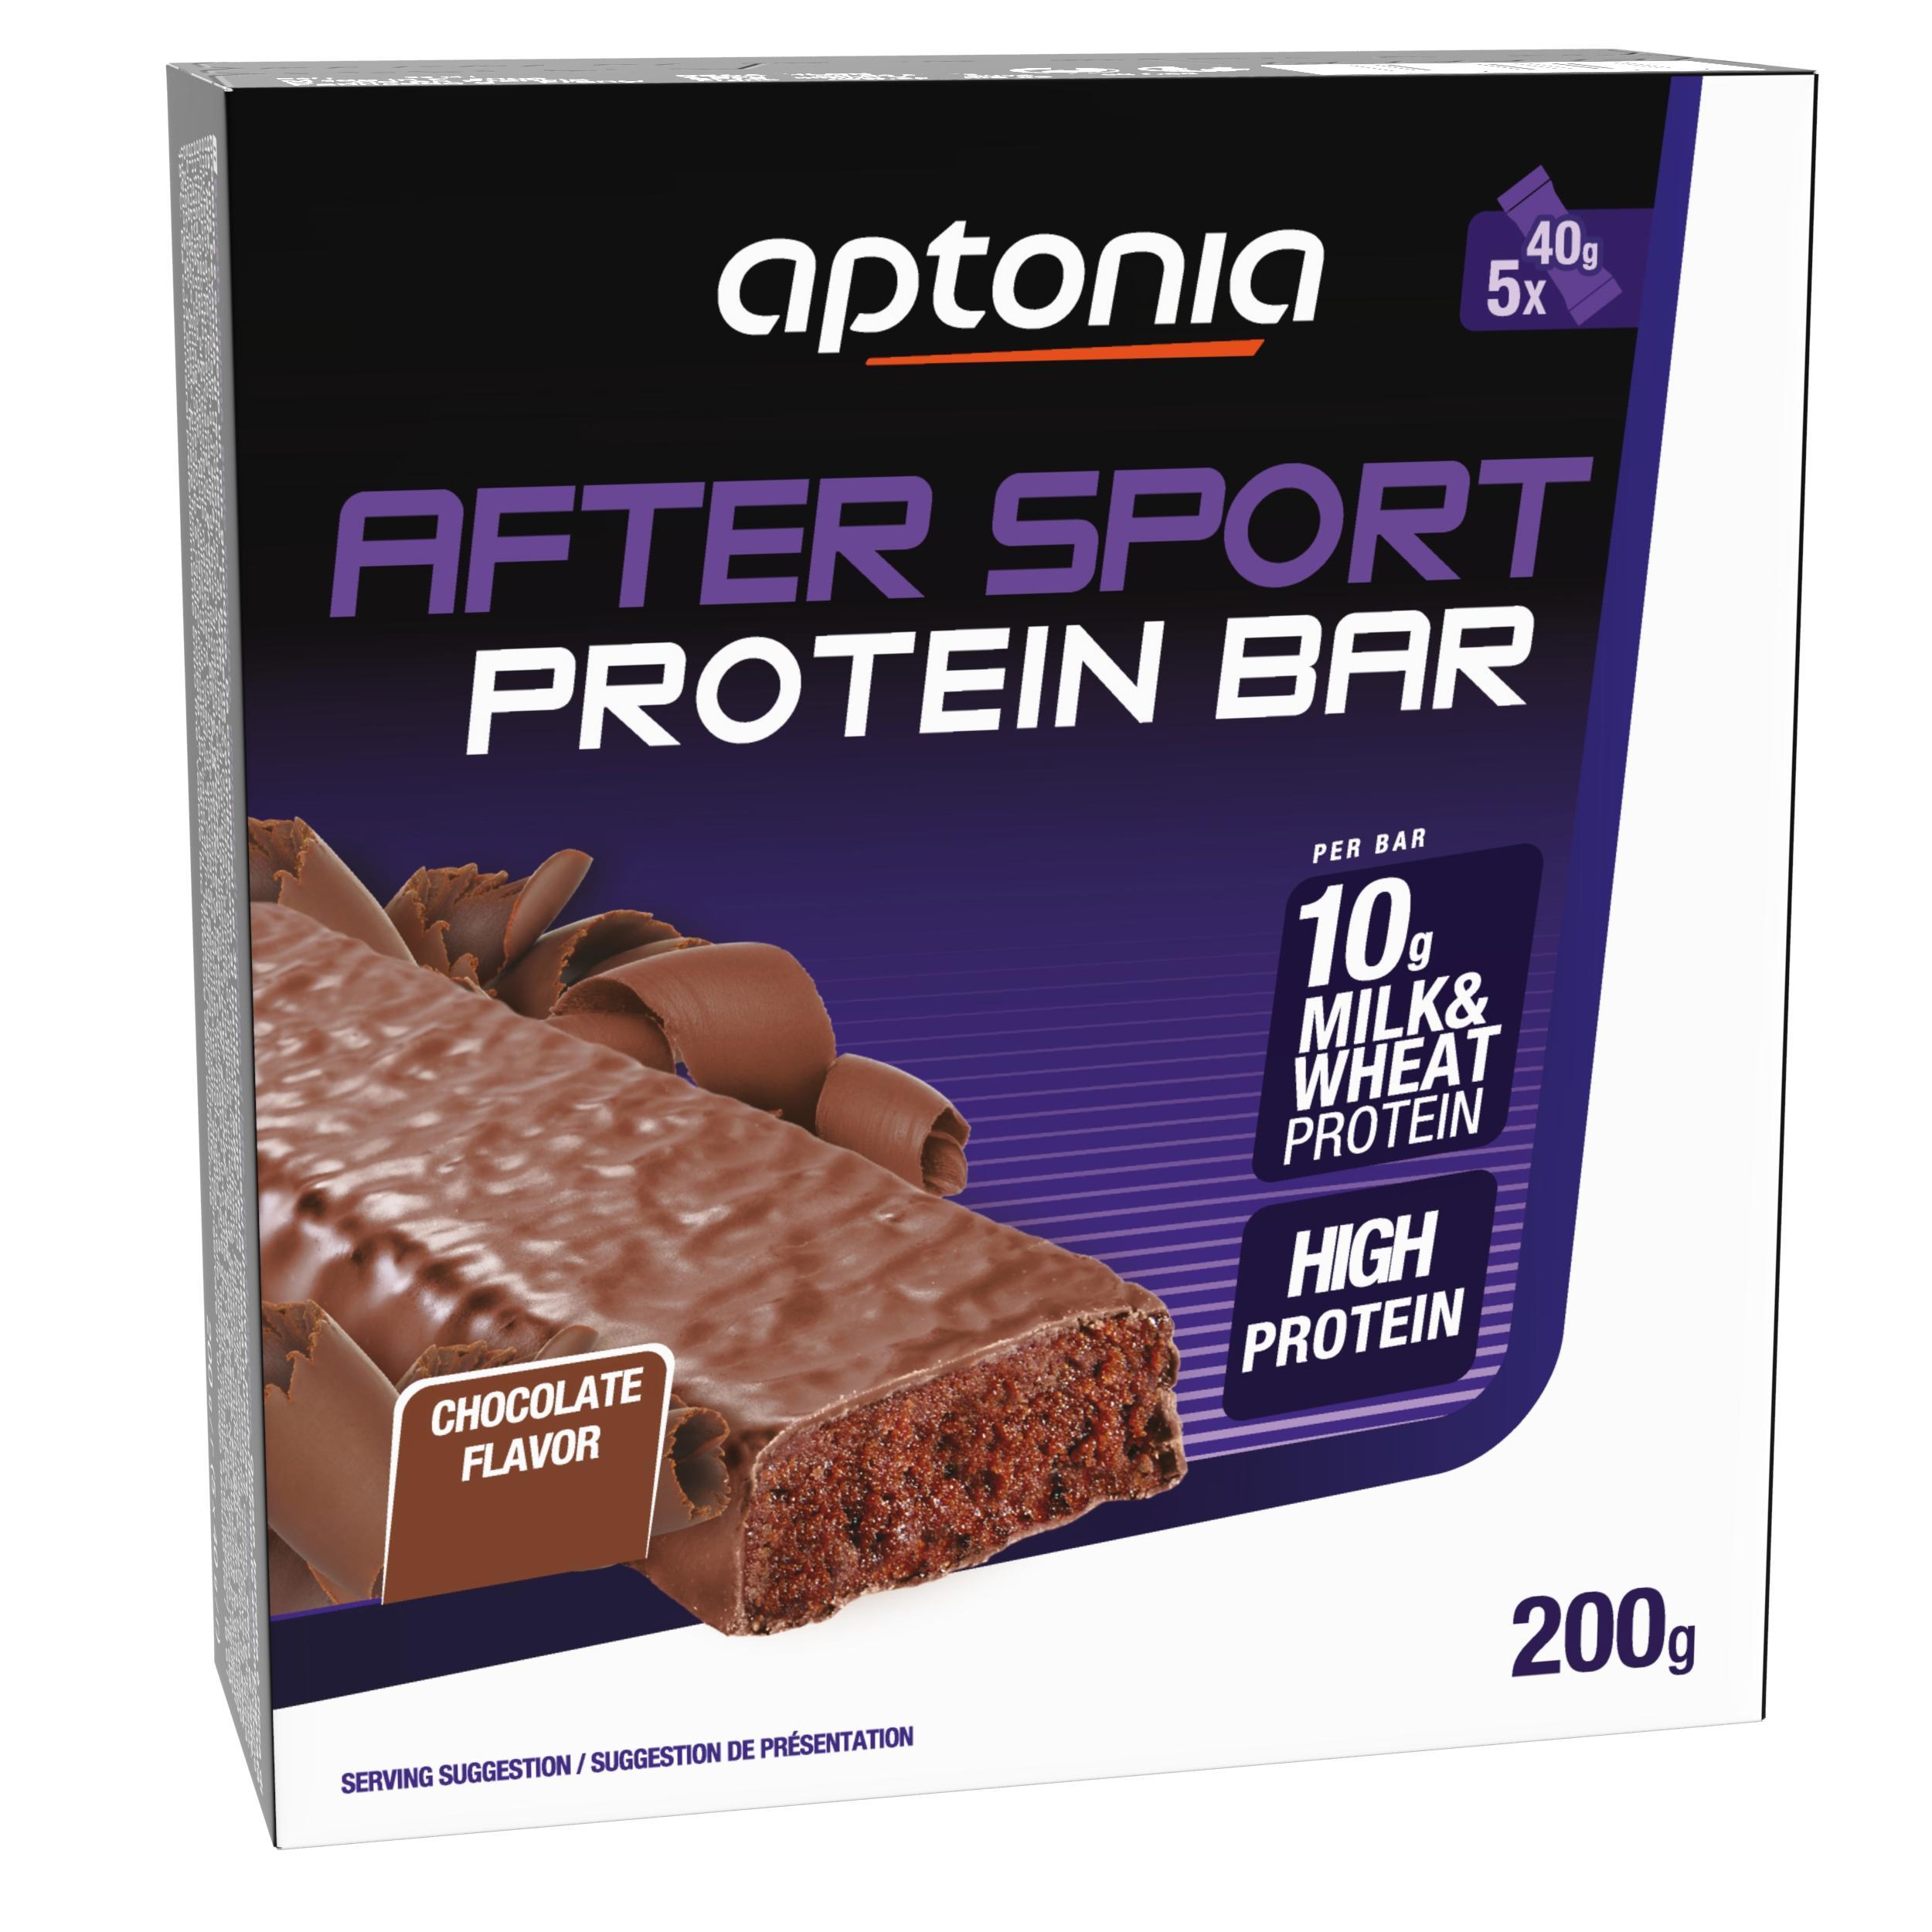 Proteinriegel Eiweißriegel After Sport Schokolade 5 × 40 g